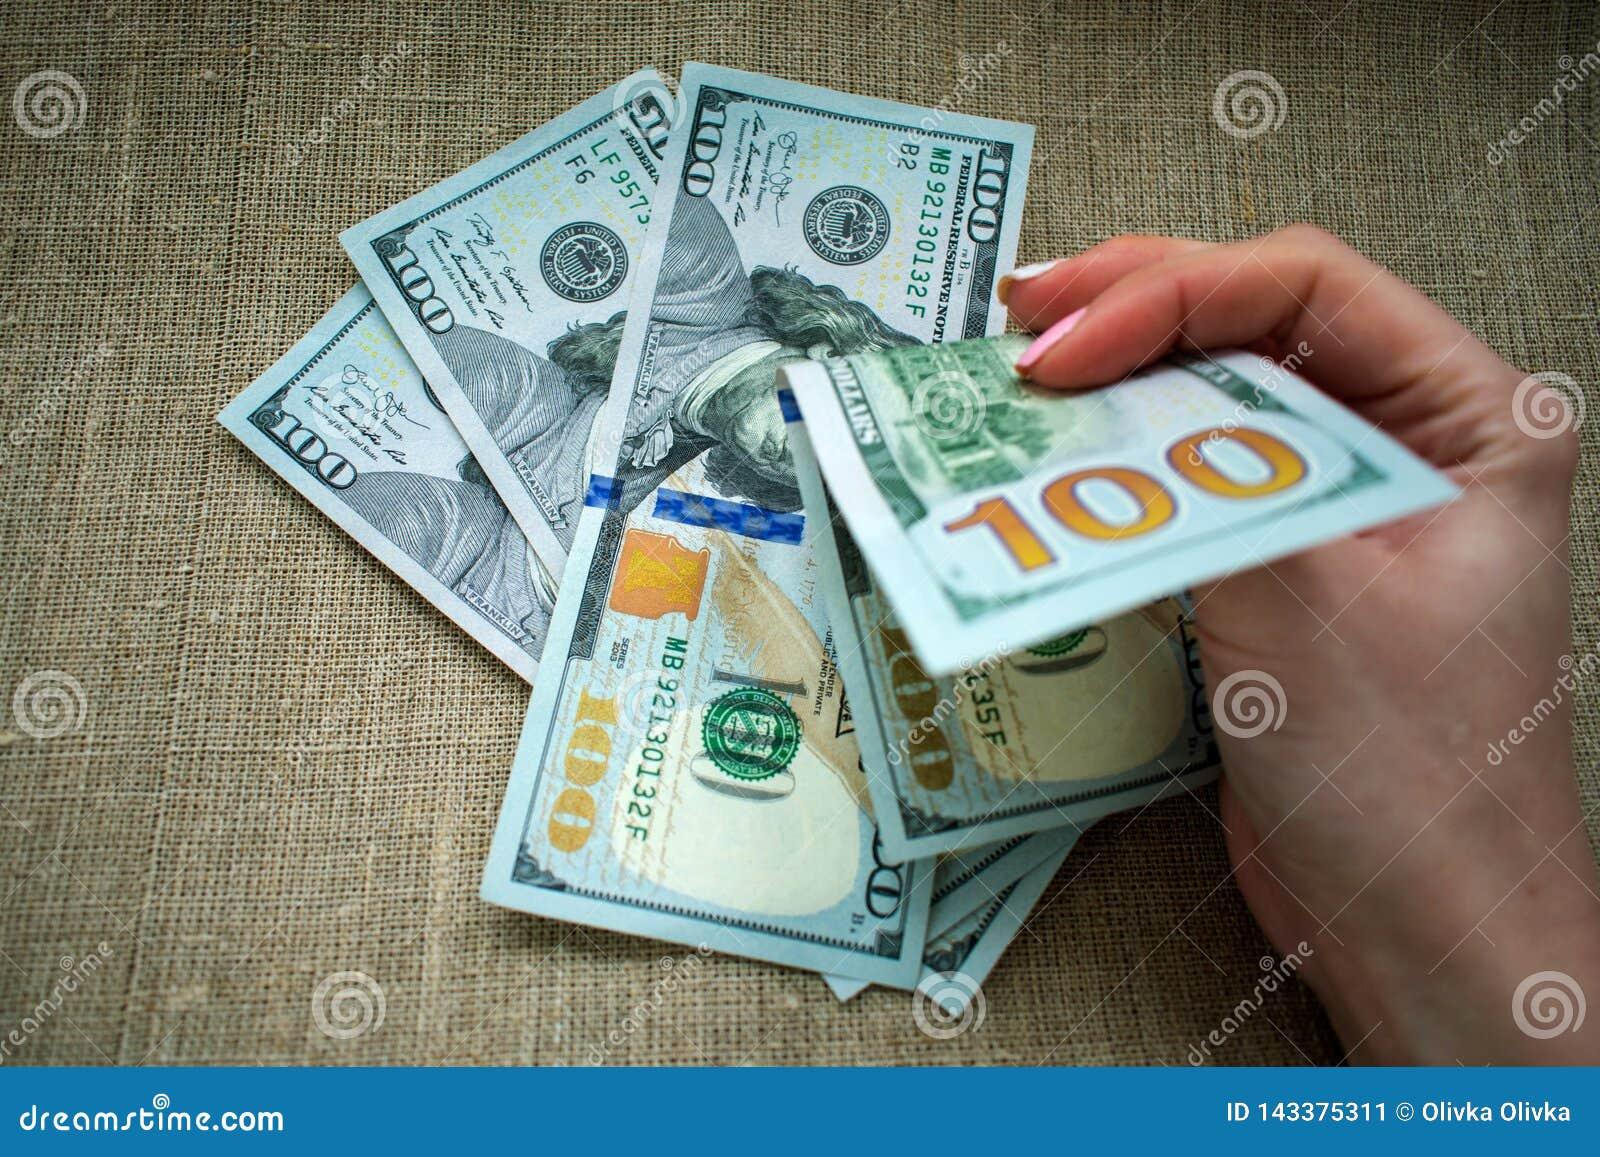 O dinheiro é à disposição, uma mulher toma o dinheiro